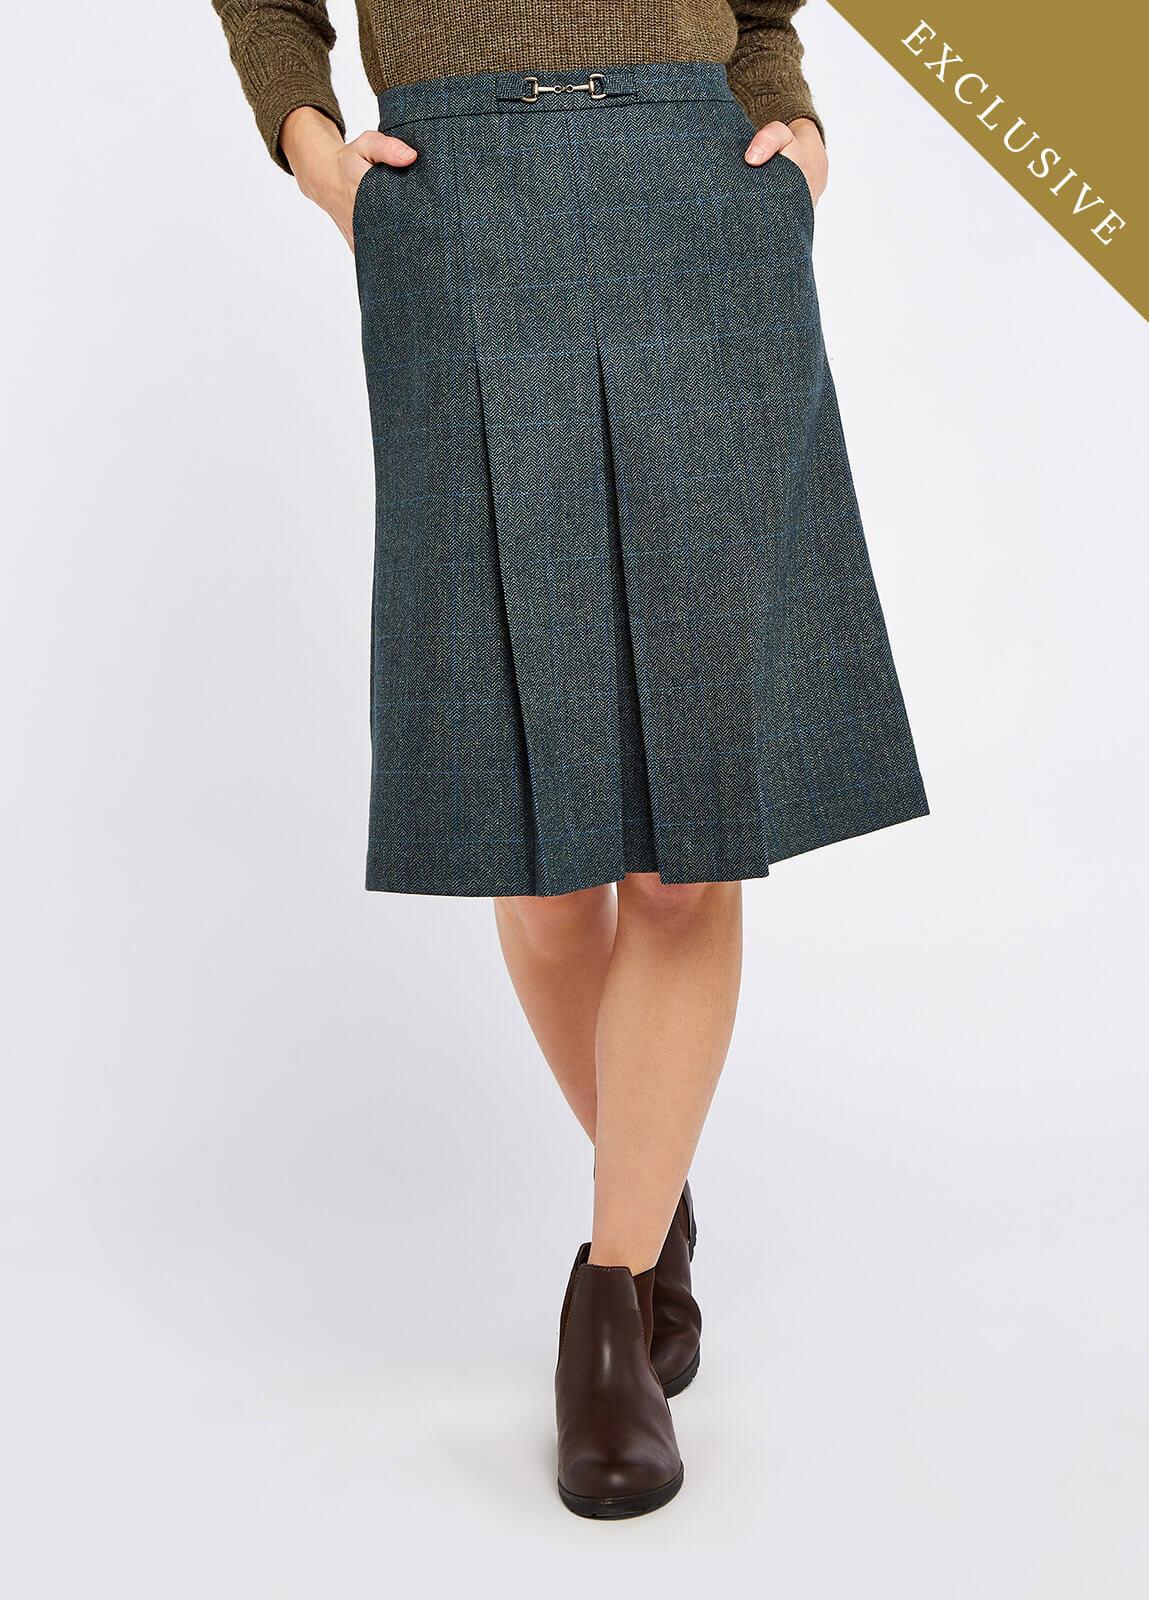 Spruce Tweed Skirt - Mist